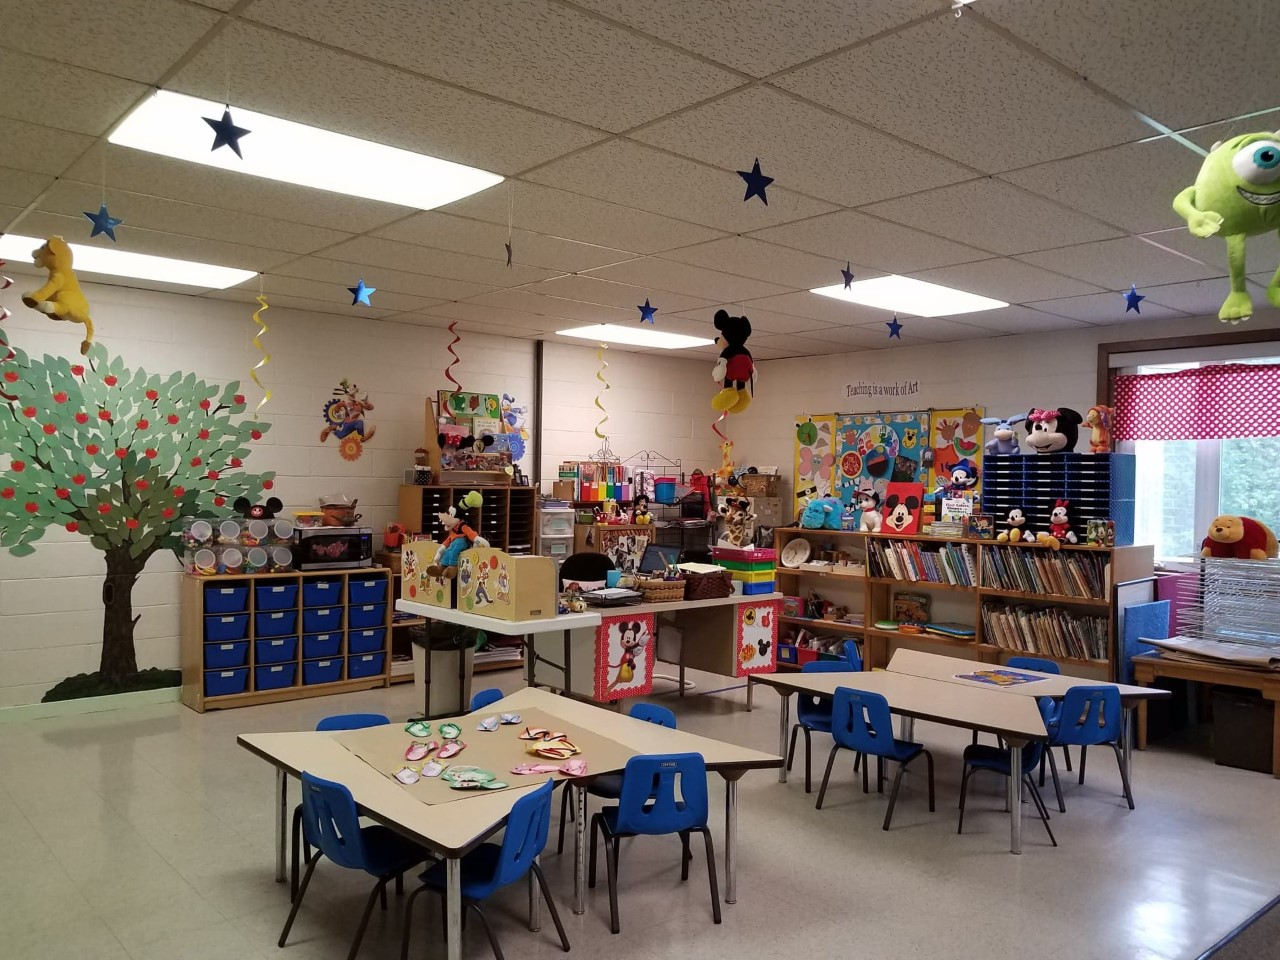 Preschool_Classroom1_Sept2019